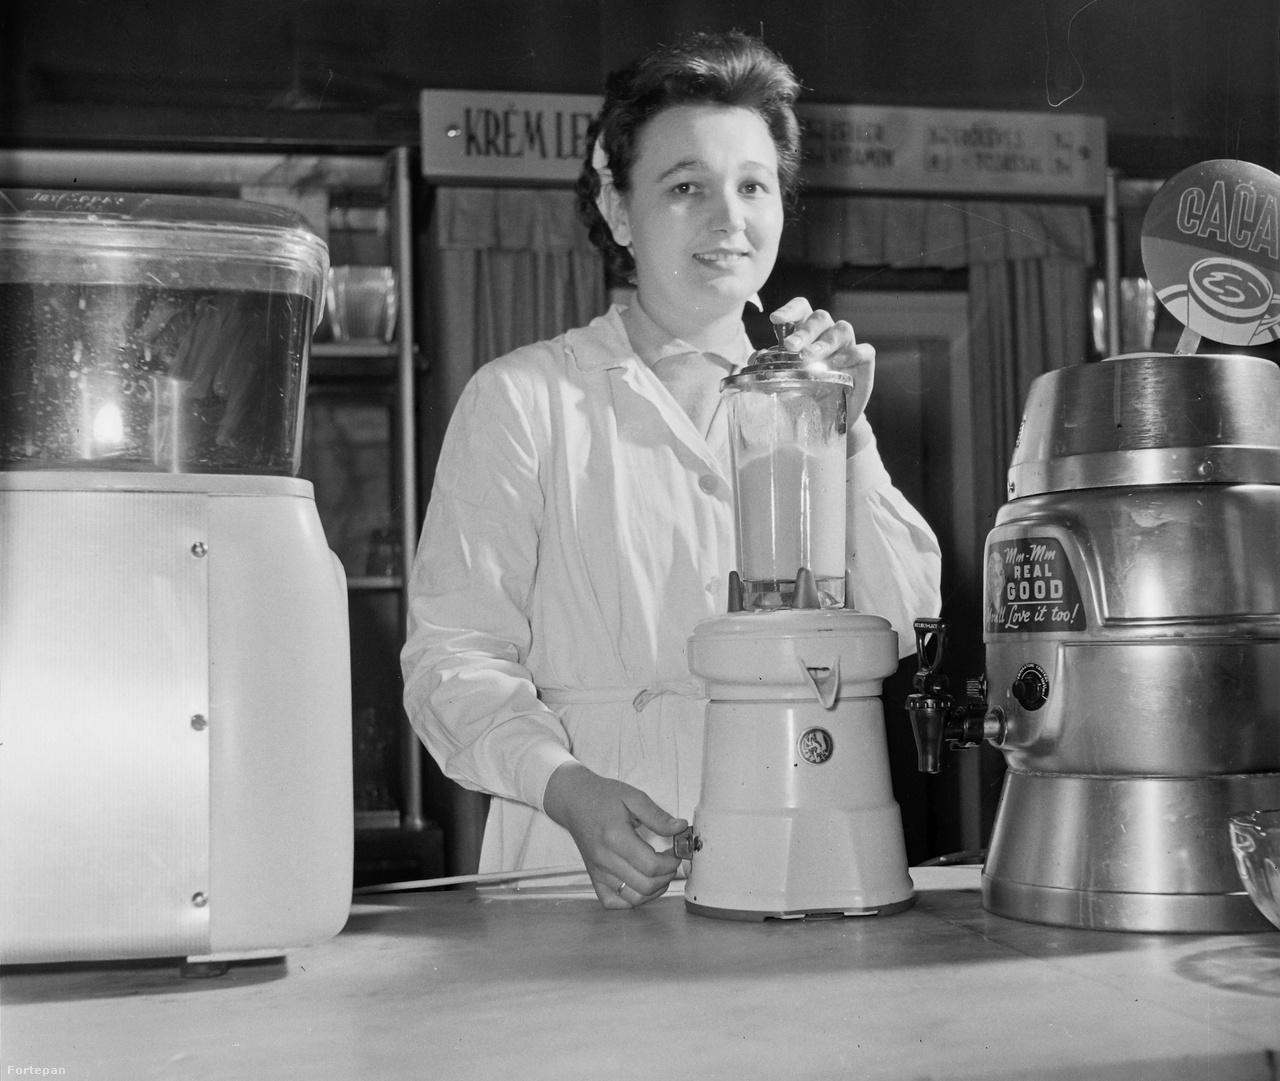 """1959: Svájci """"Turmix"""" turmixgép és nyugati gyártmányú kakaókészítő gép egy magyar vendéglátóipari egységben."""